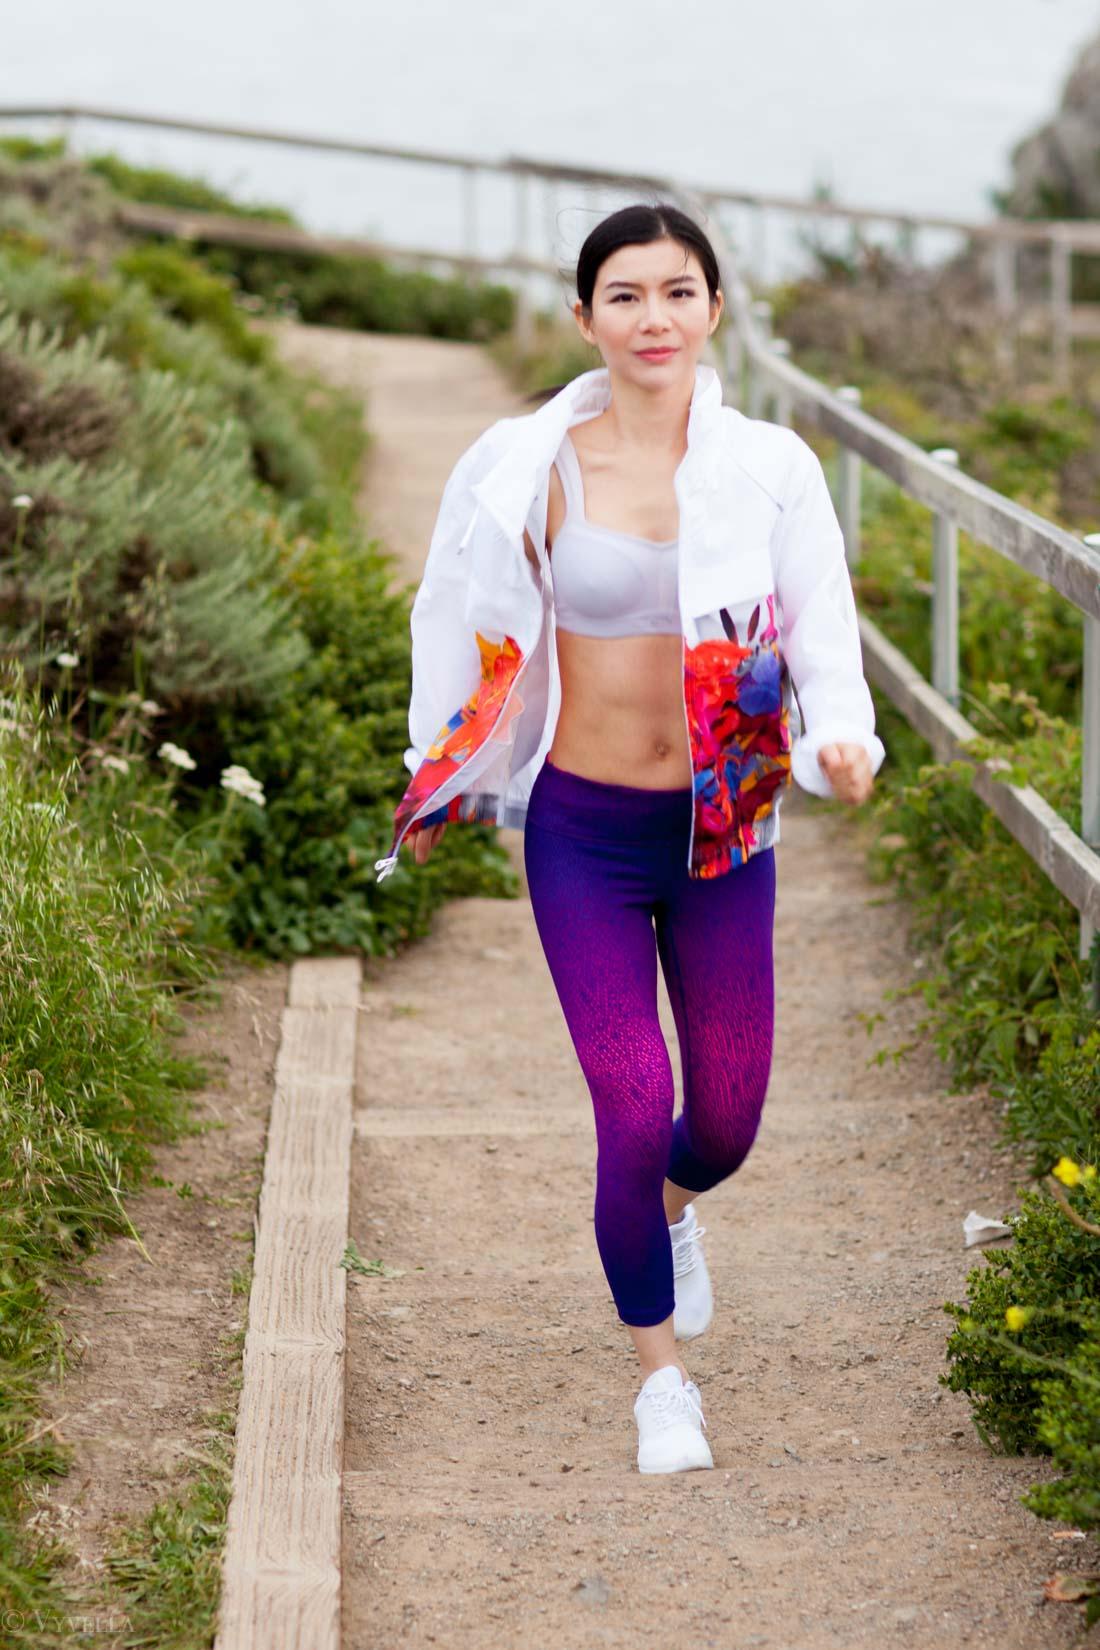 fitness_feel-good_06.jpg